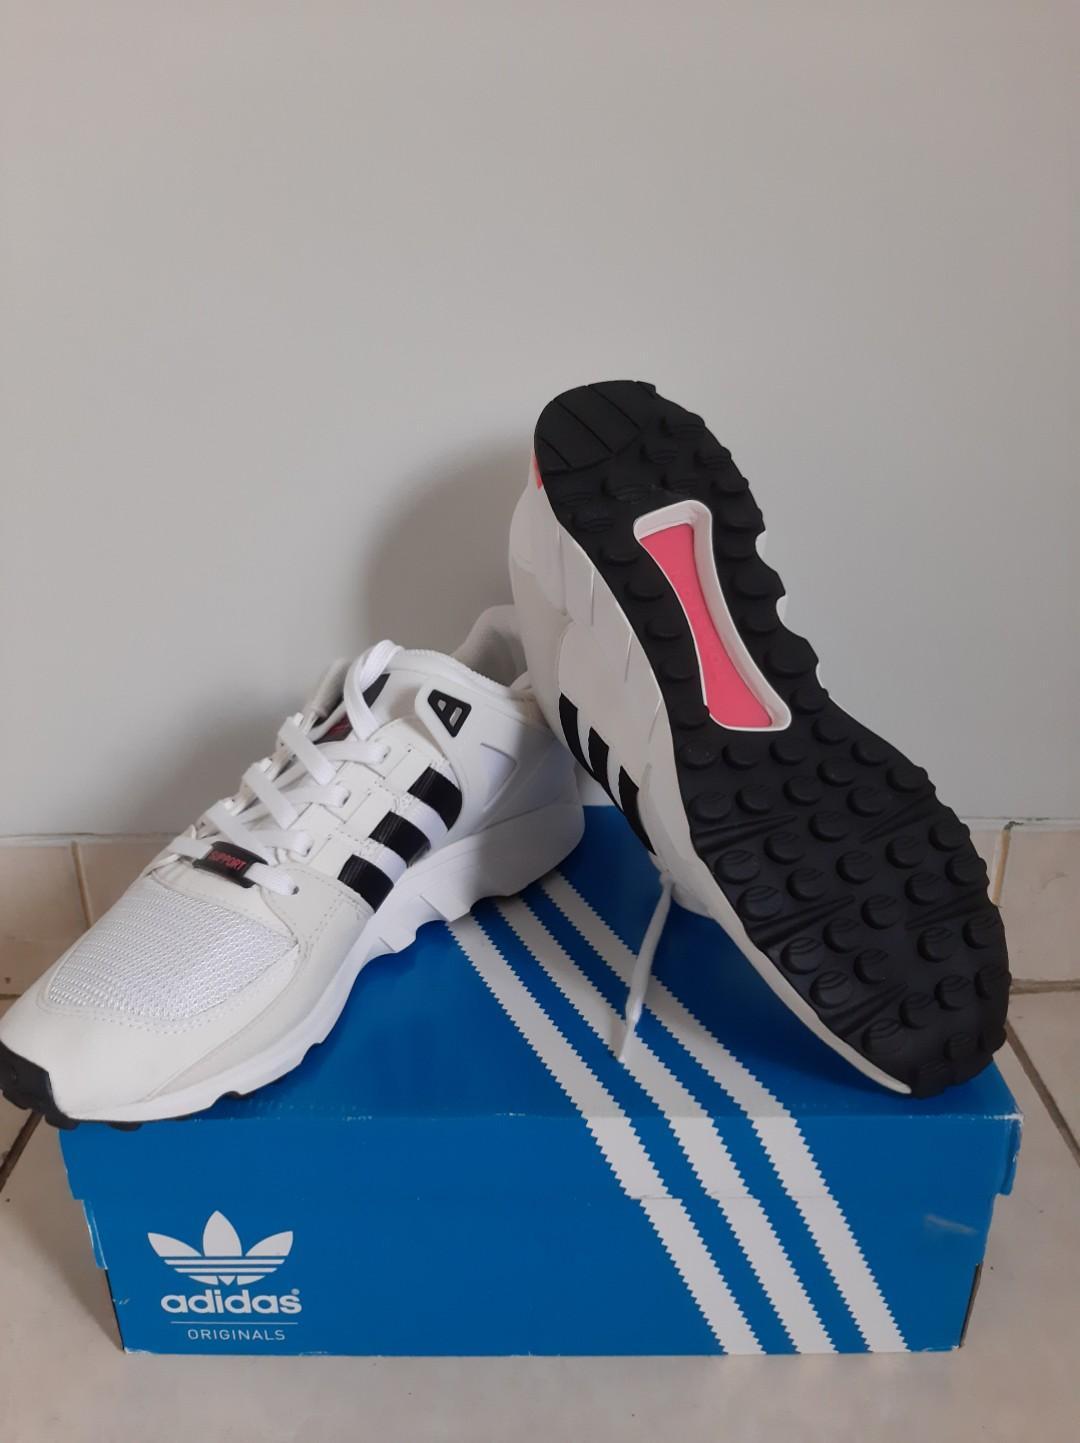 Sepatu Adidas EQT SUPPORT RF WHITE Size 44 Original 100% Adidas Indonesia